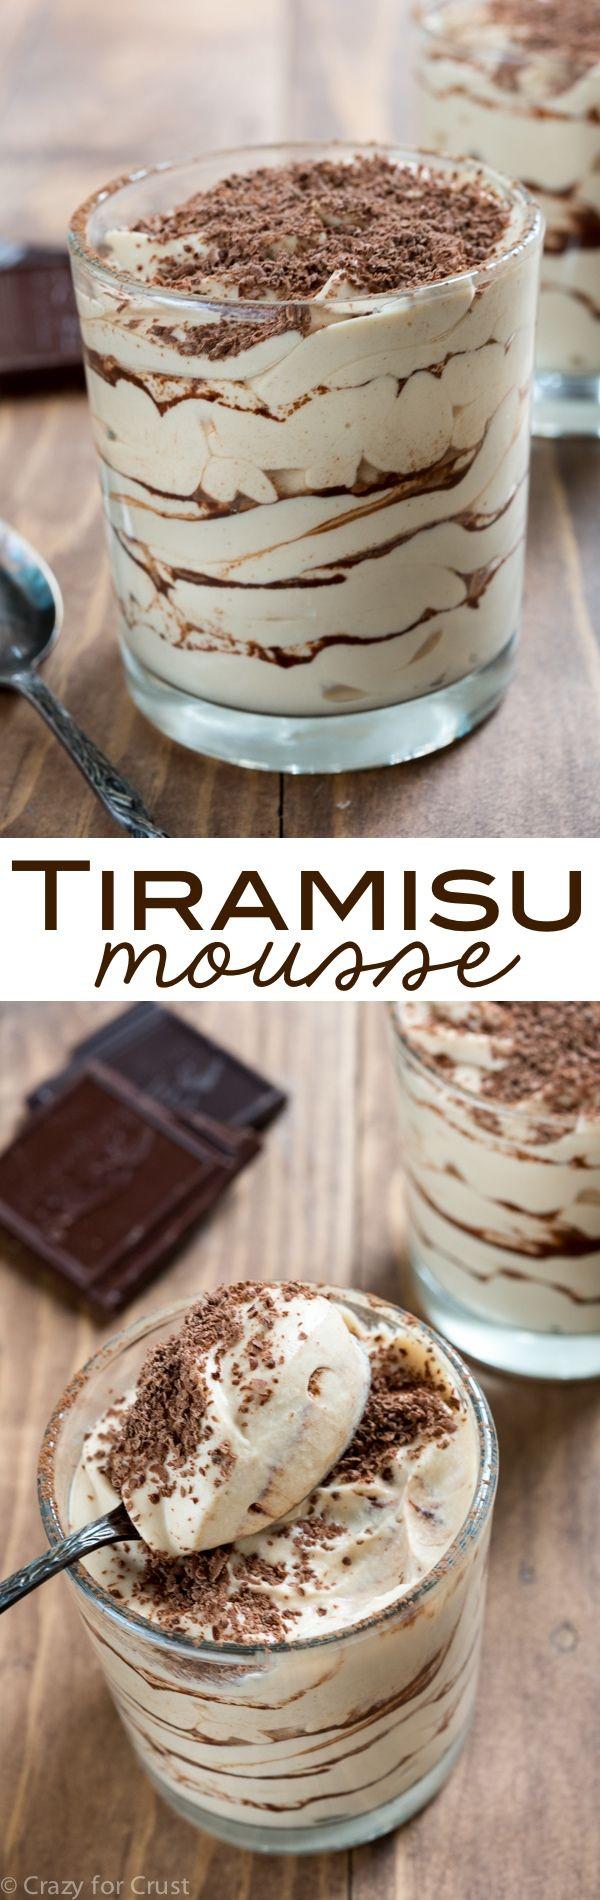 easy tiramisu mousse recipe powder sweet and mousse